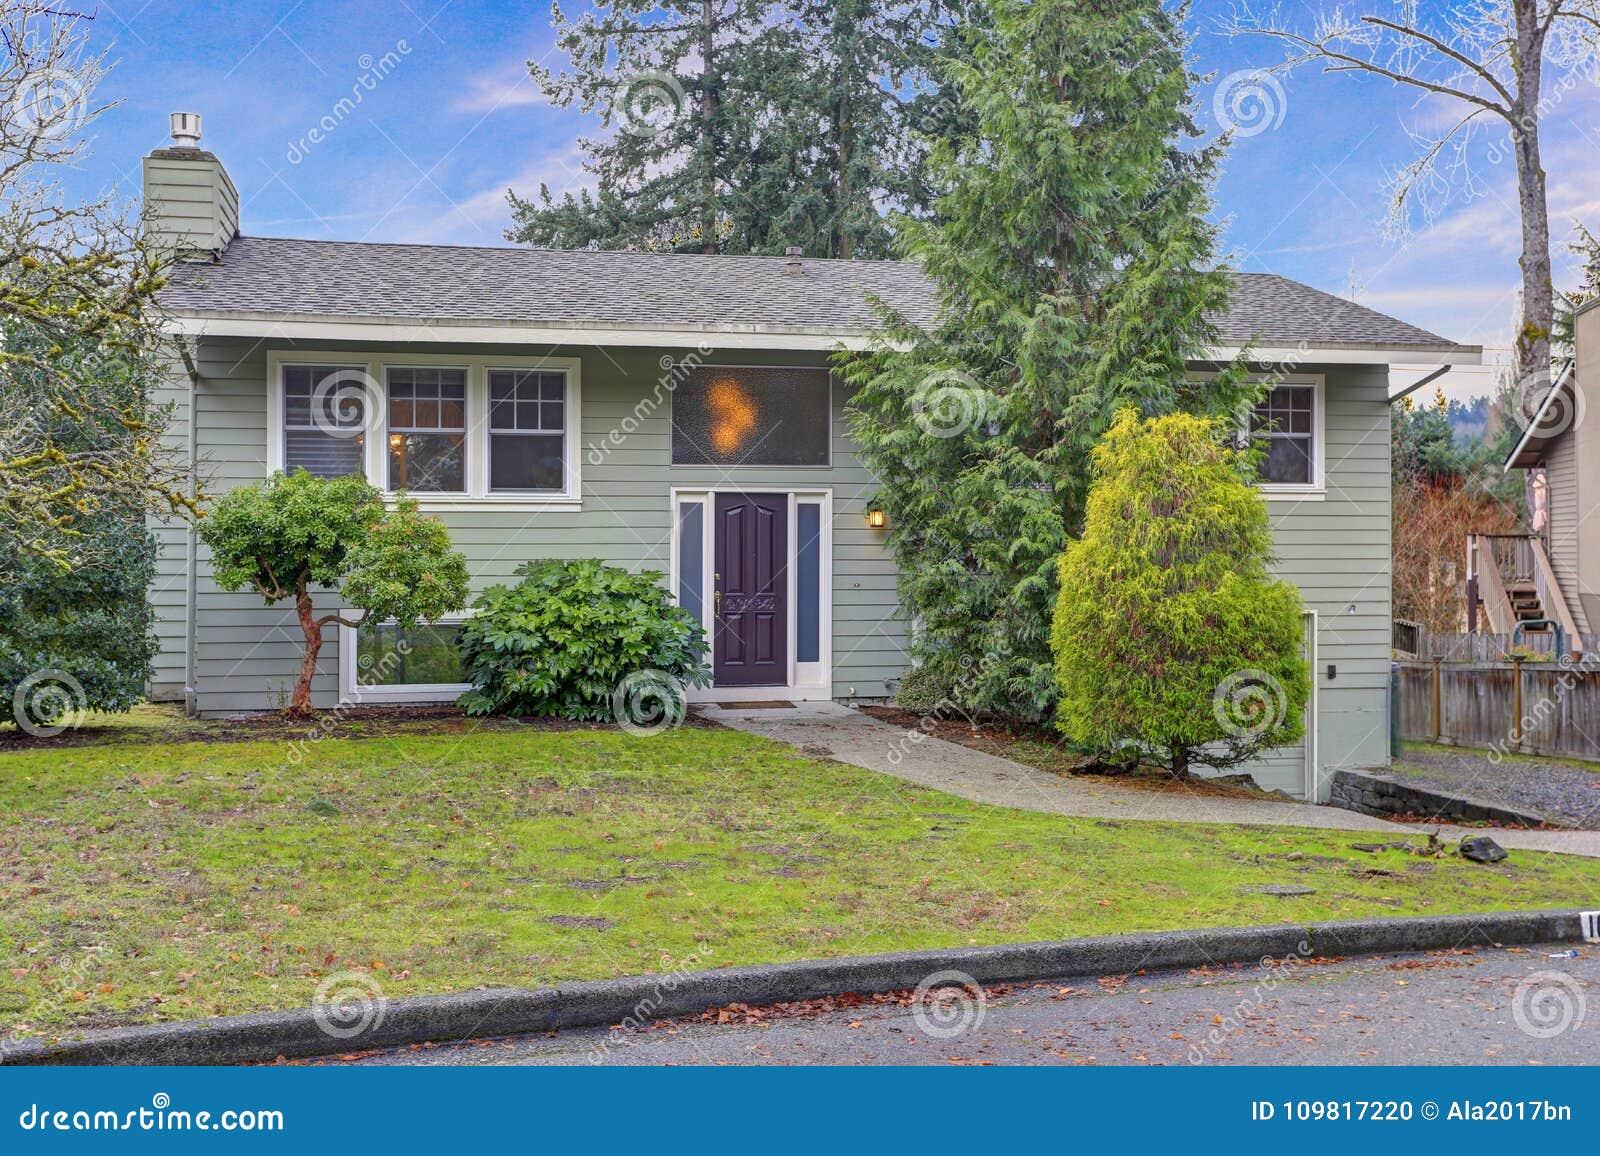 Εξωτερικό ενός ωραία ανακαινισμένου σπιτιού με πράσινο να πλαισιώσει και την άσπρη περιποίηση